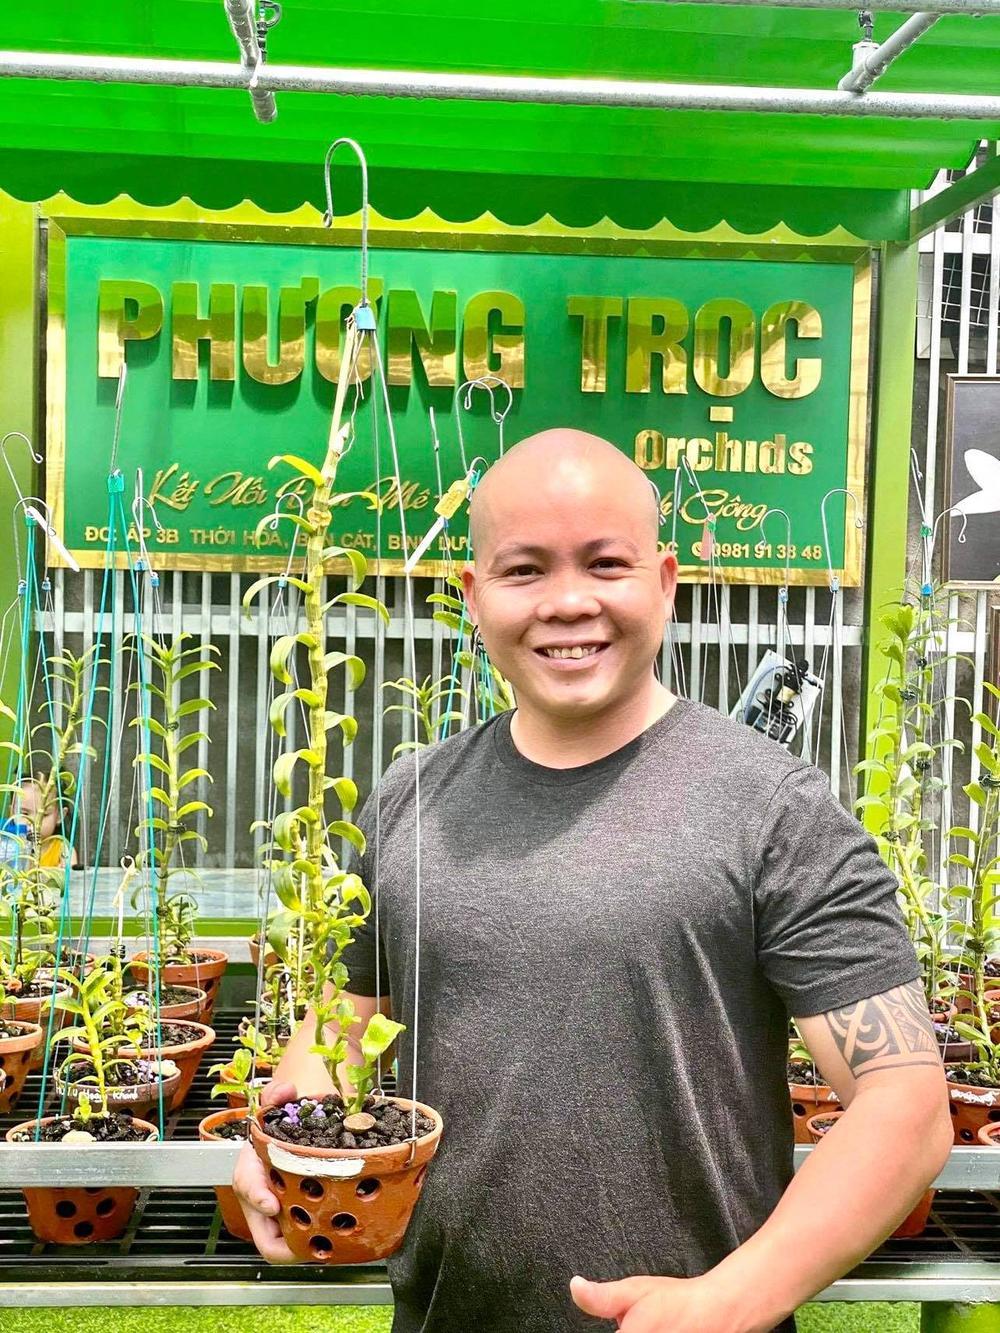 Nghệ nhân Nguyễn Văn Phương: Từ chàng DJ tới ông chủ vườn lan giá trị Ảnh 7